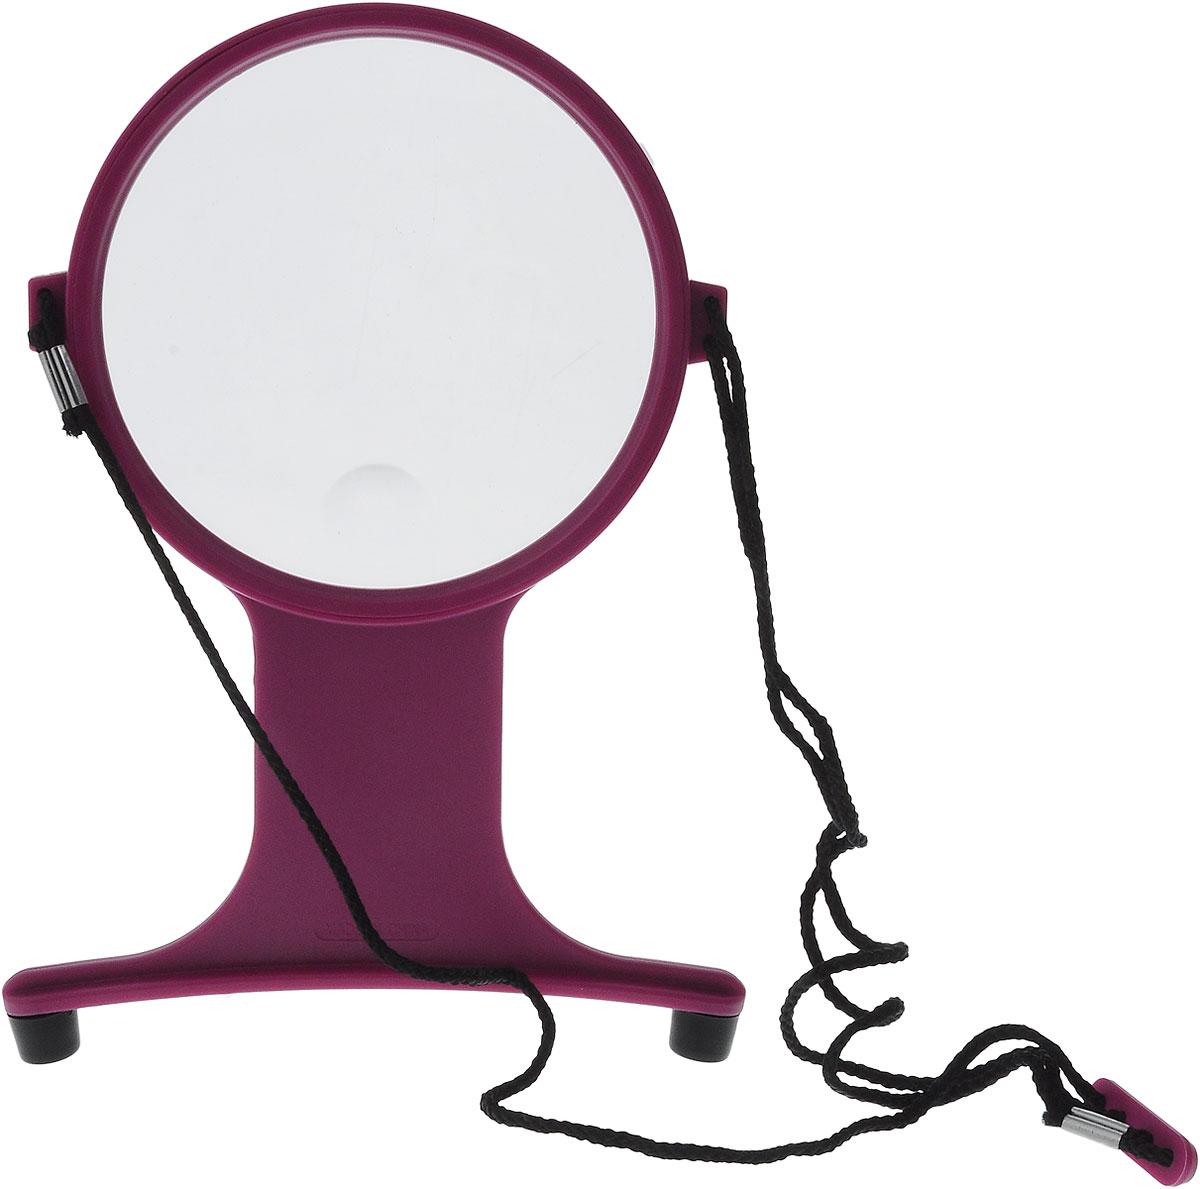 Лупа для вышивания Hemline, цвет: пурпурный, прозрачный лупа для рукоделия hemline хендс фри с подсветкой